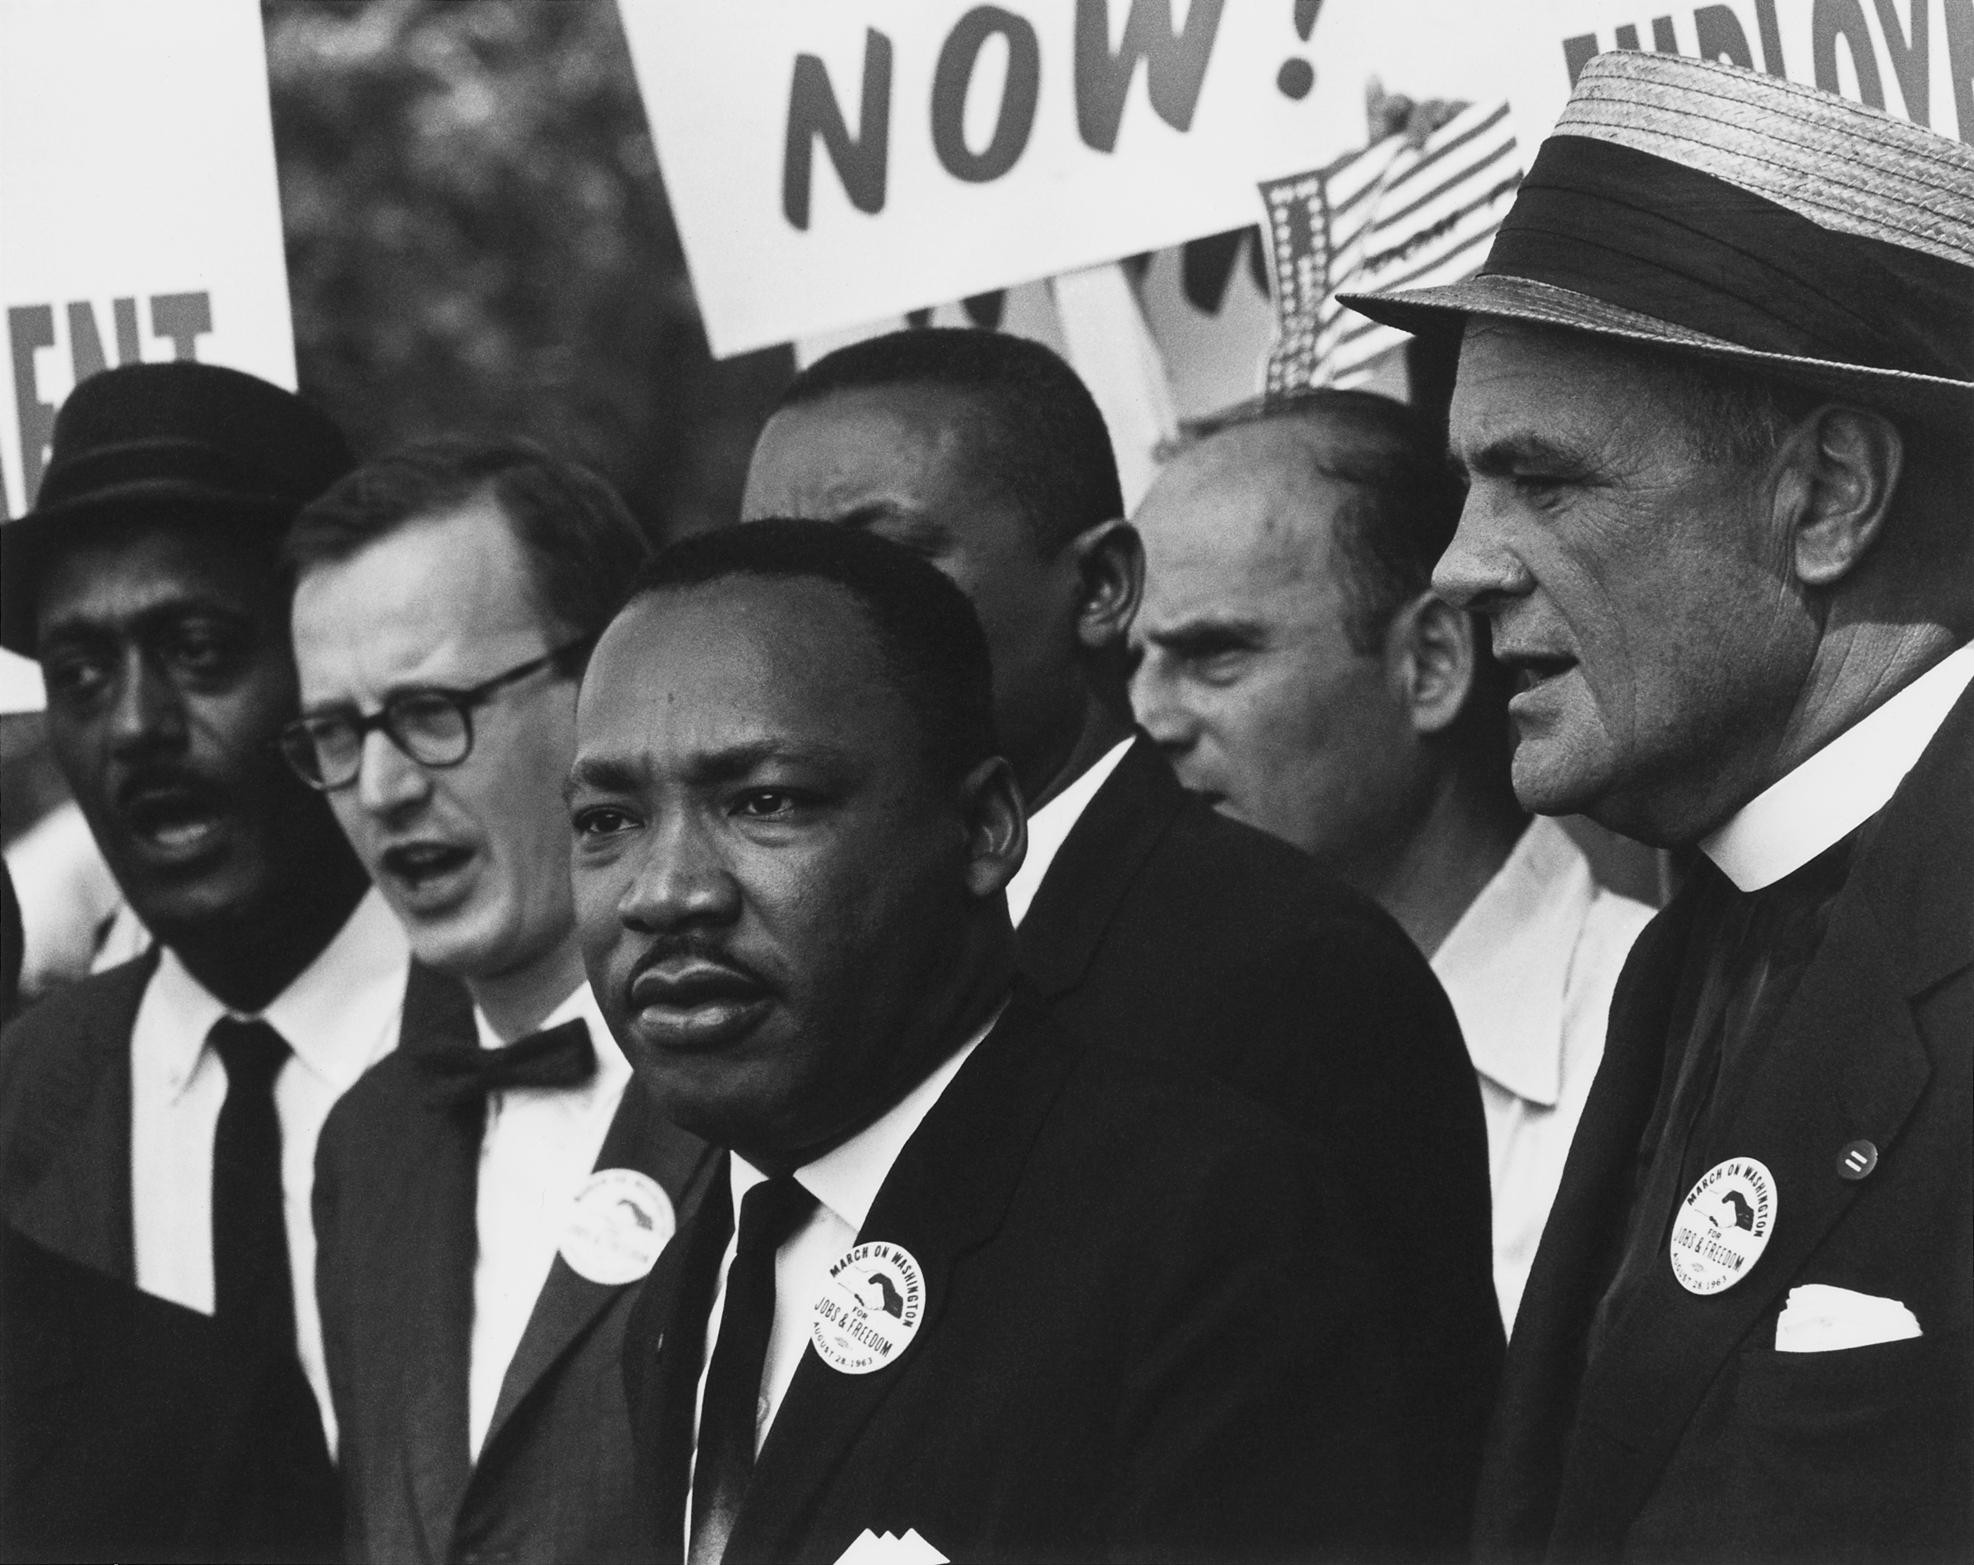 MLK-Civil_Rights_March_on_Wash_DC_Wikipedia-Rowland Scherman-restored by Adam Cuerden.jpg